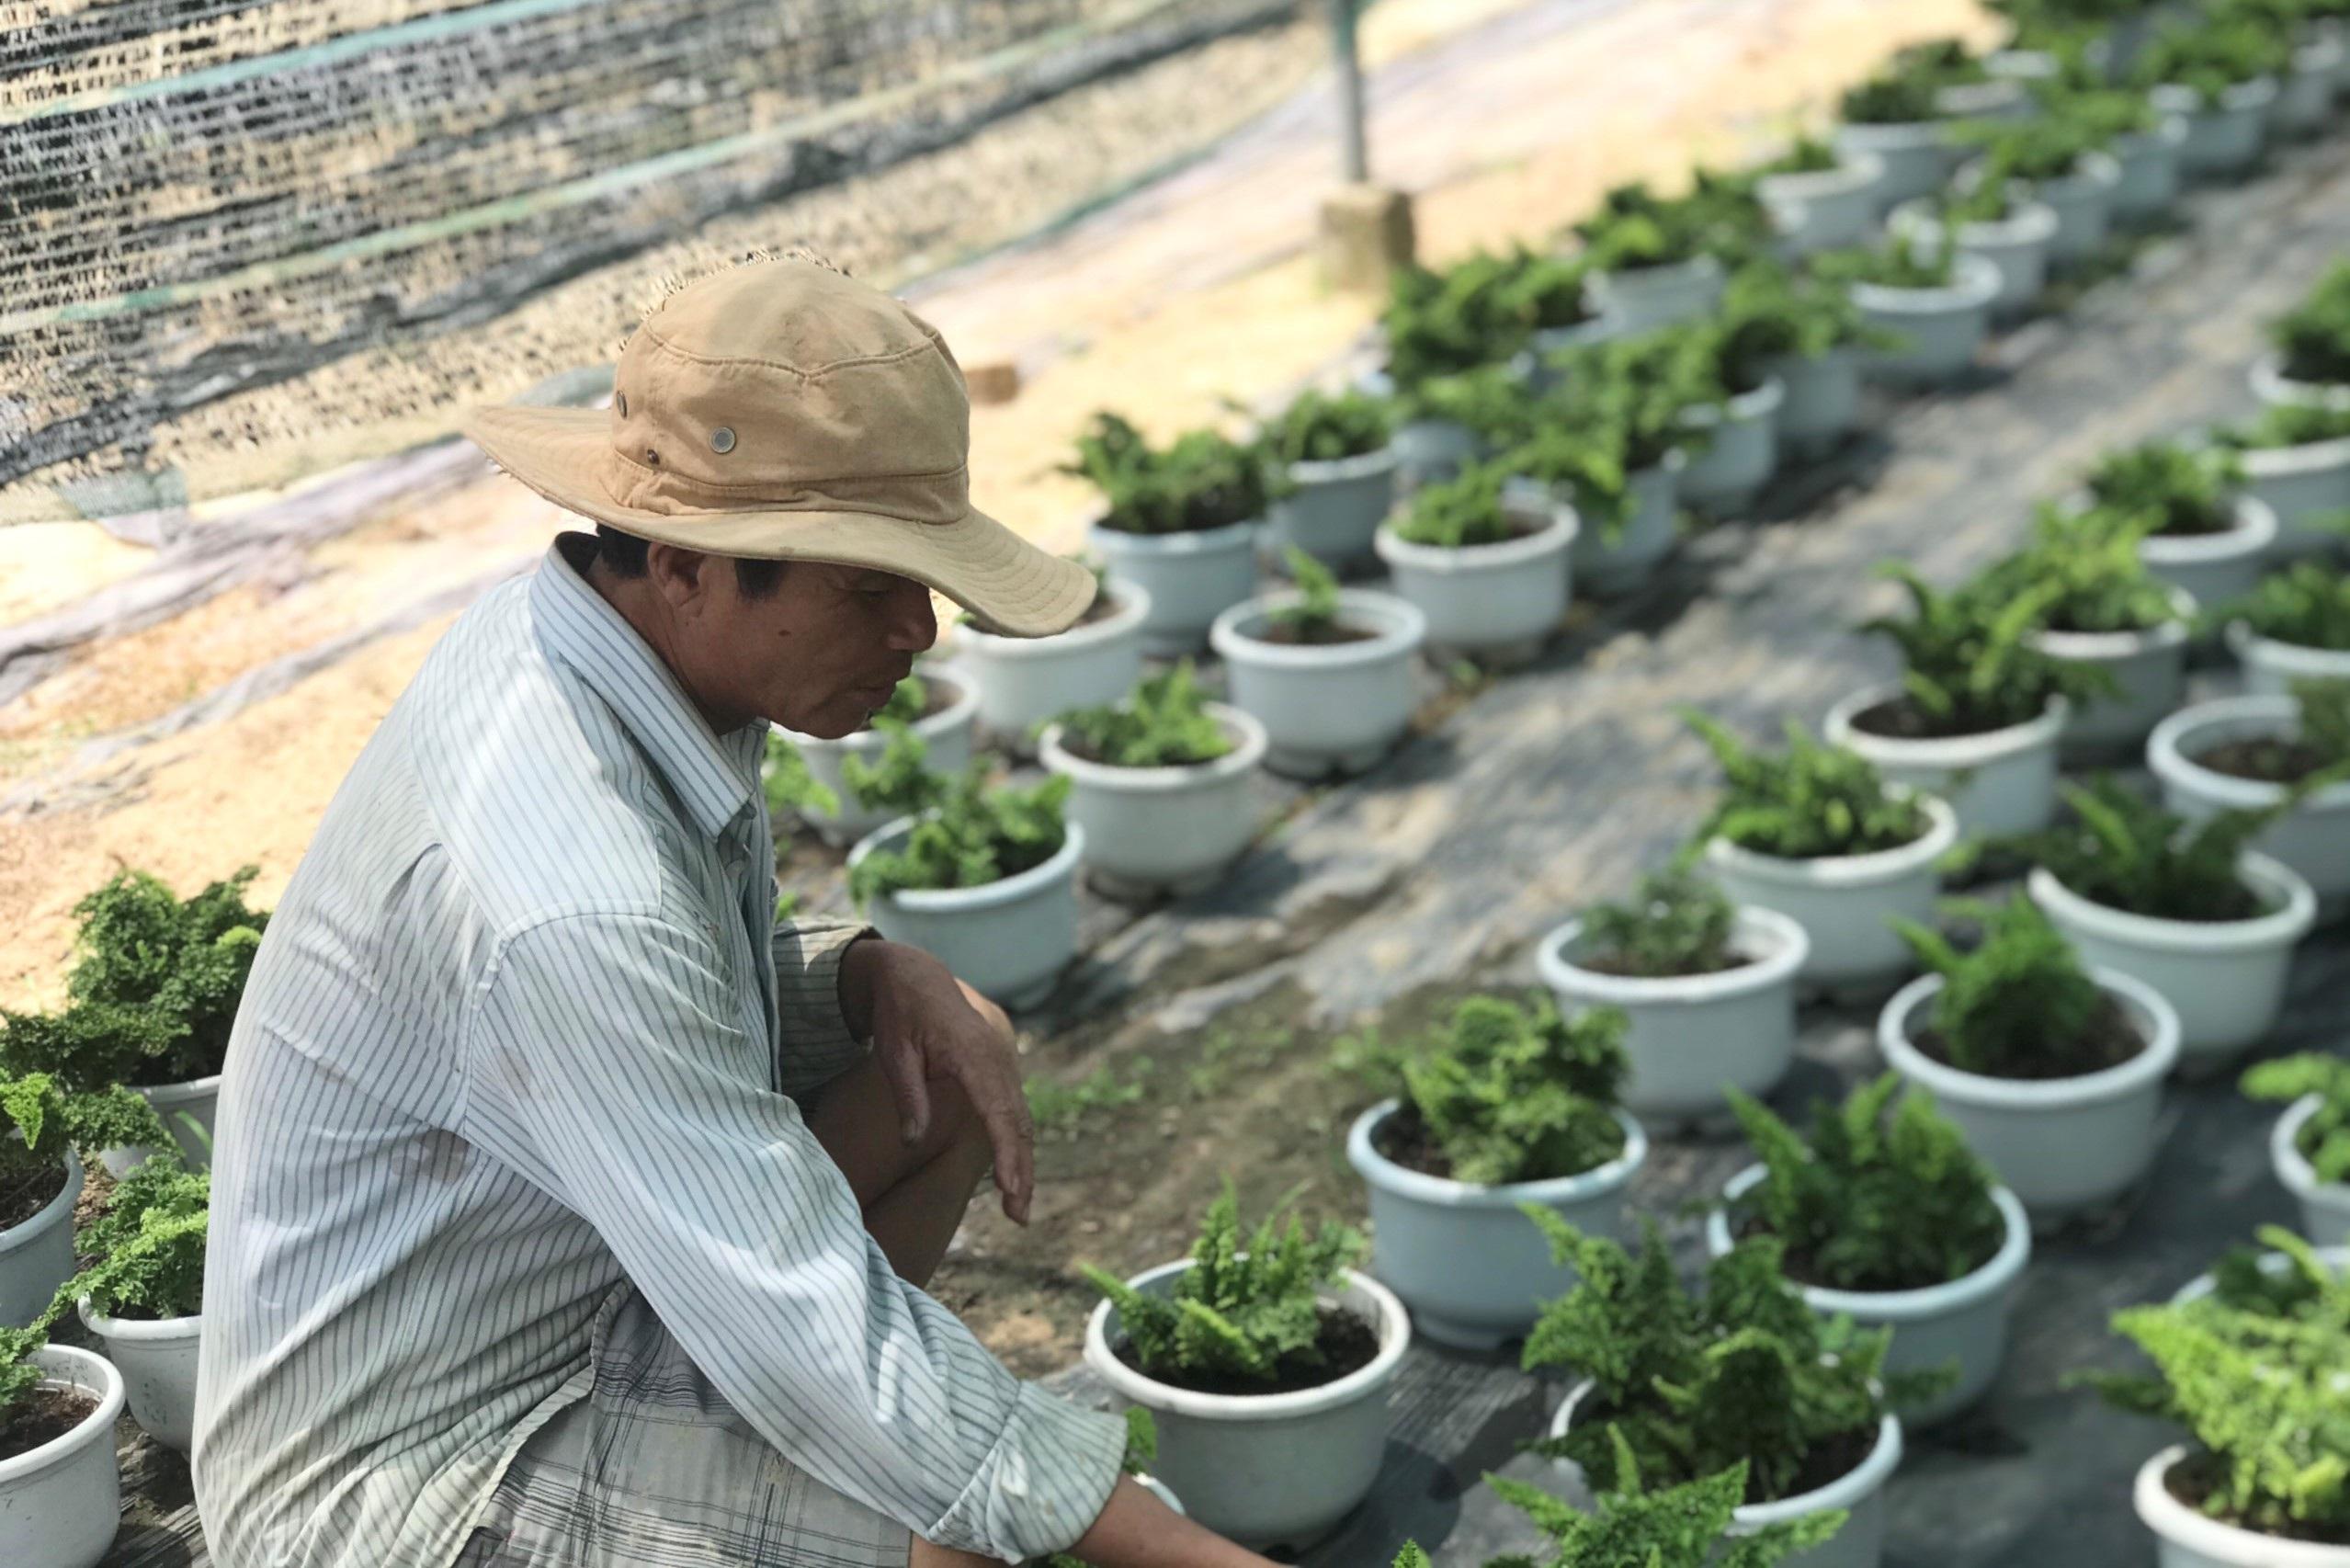 Bỏ phụ hồ về trồng hoa giấy, lão nông thu 500 triệu đồng mỗi năm - Ảnh 4.